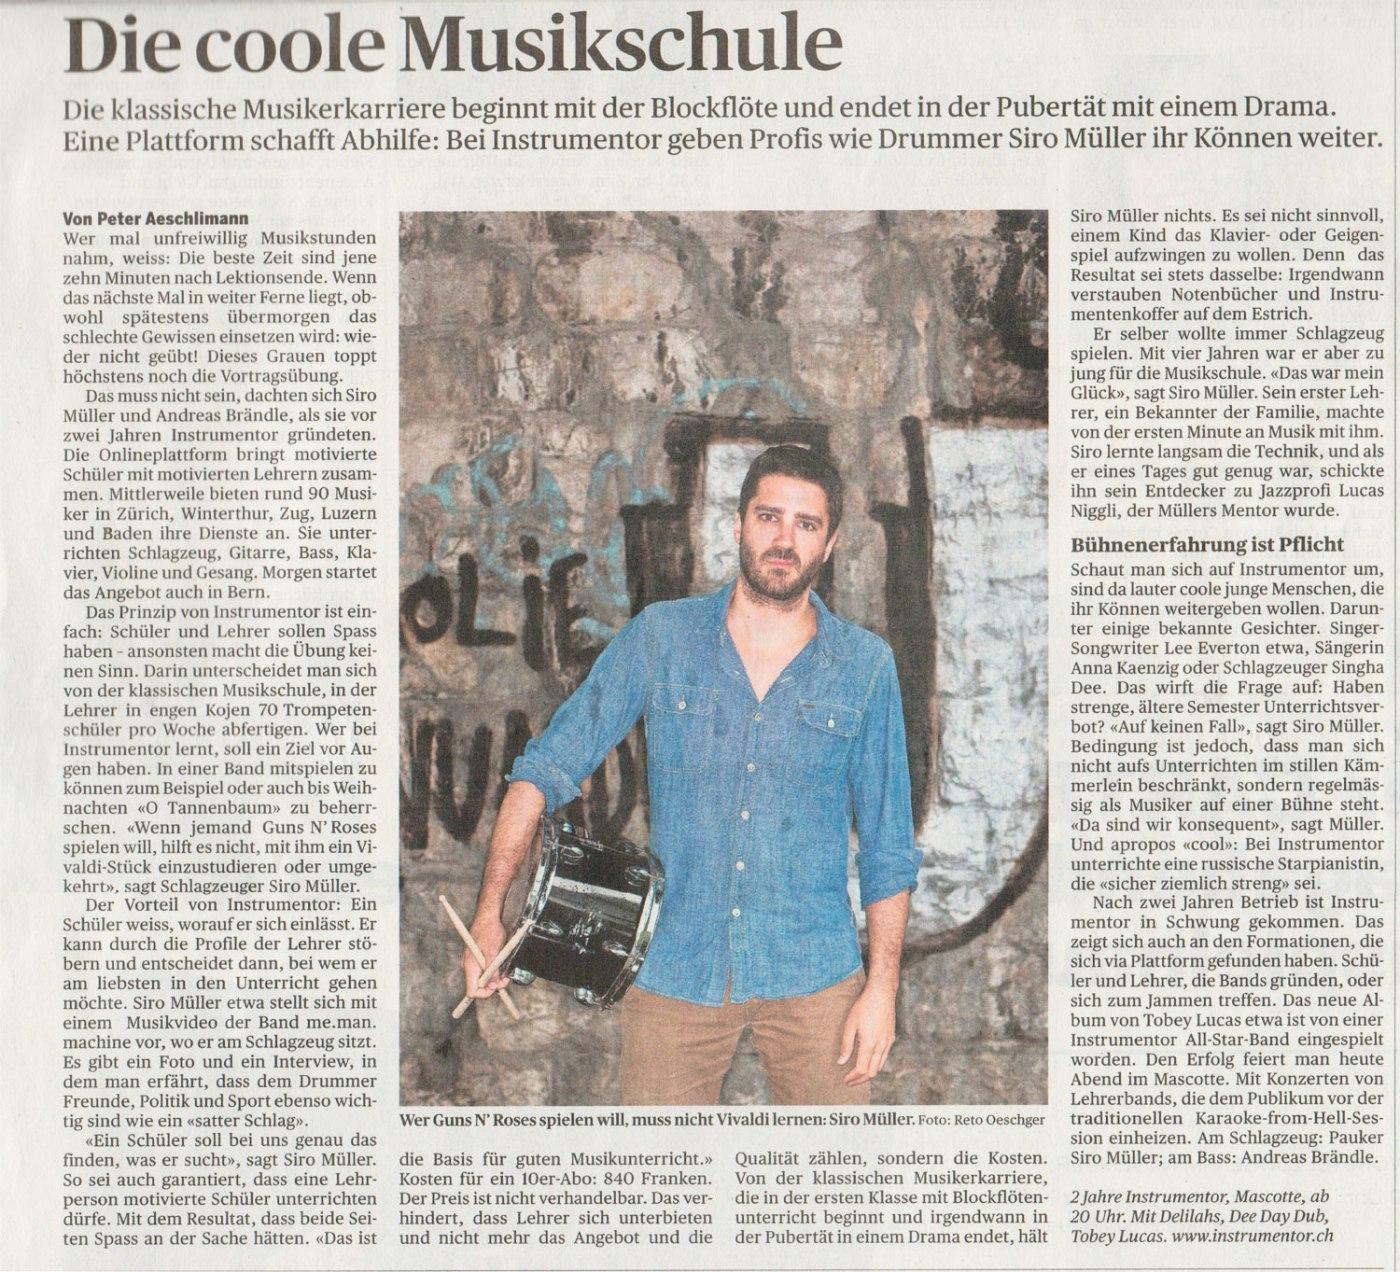 """Instrumentor im Tagesanzeiger: """"Die coole Musikschule"""""""